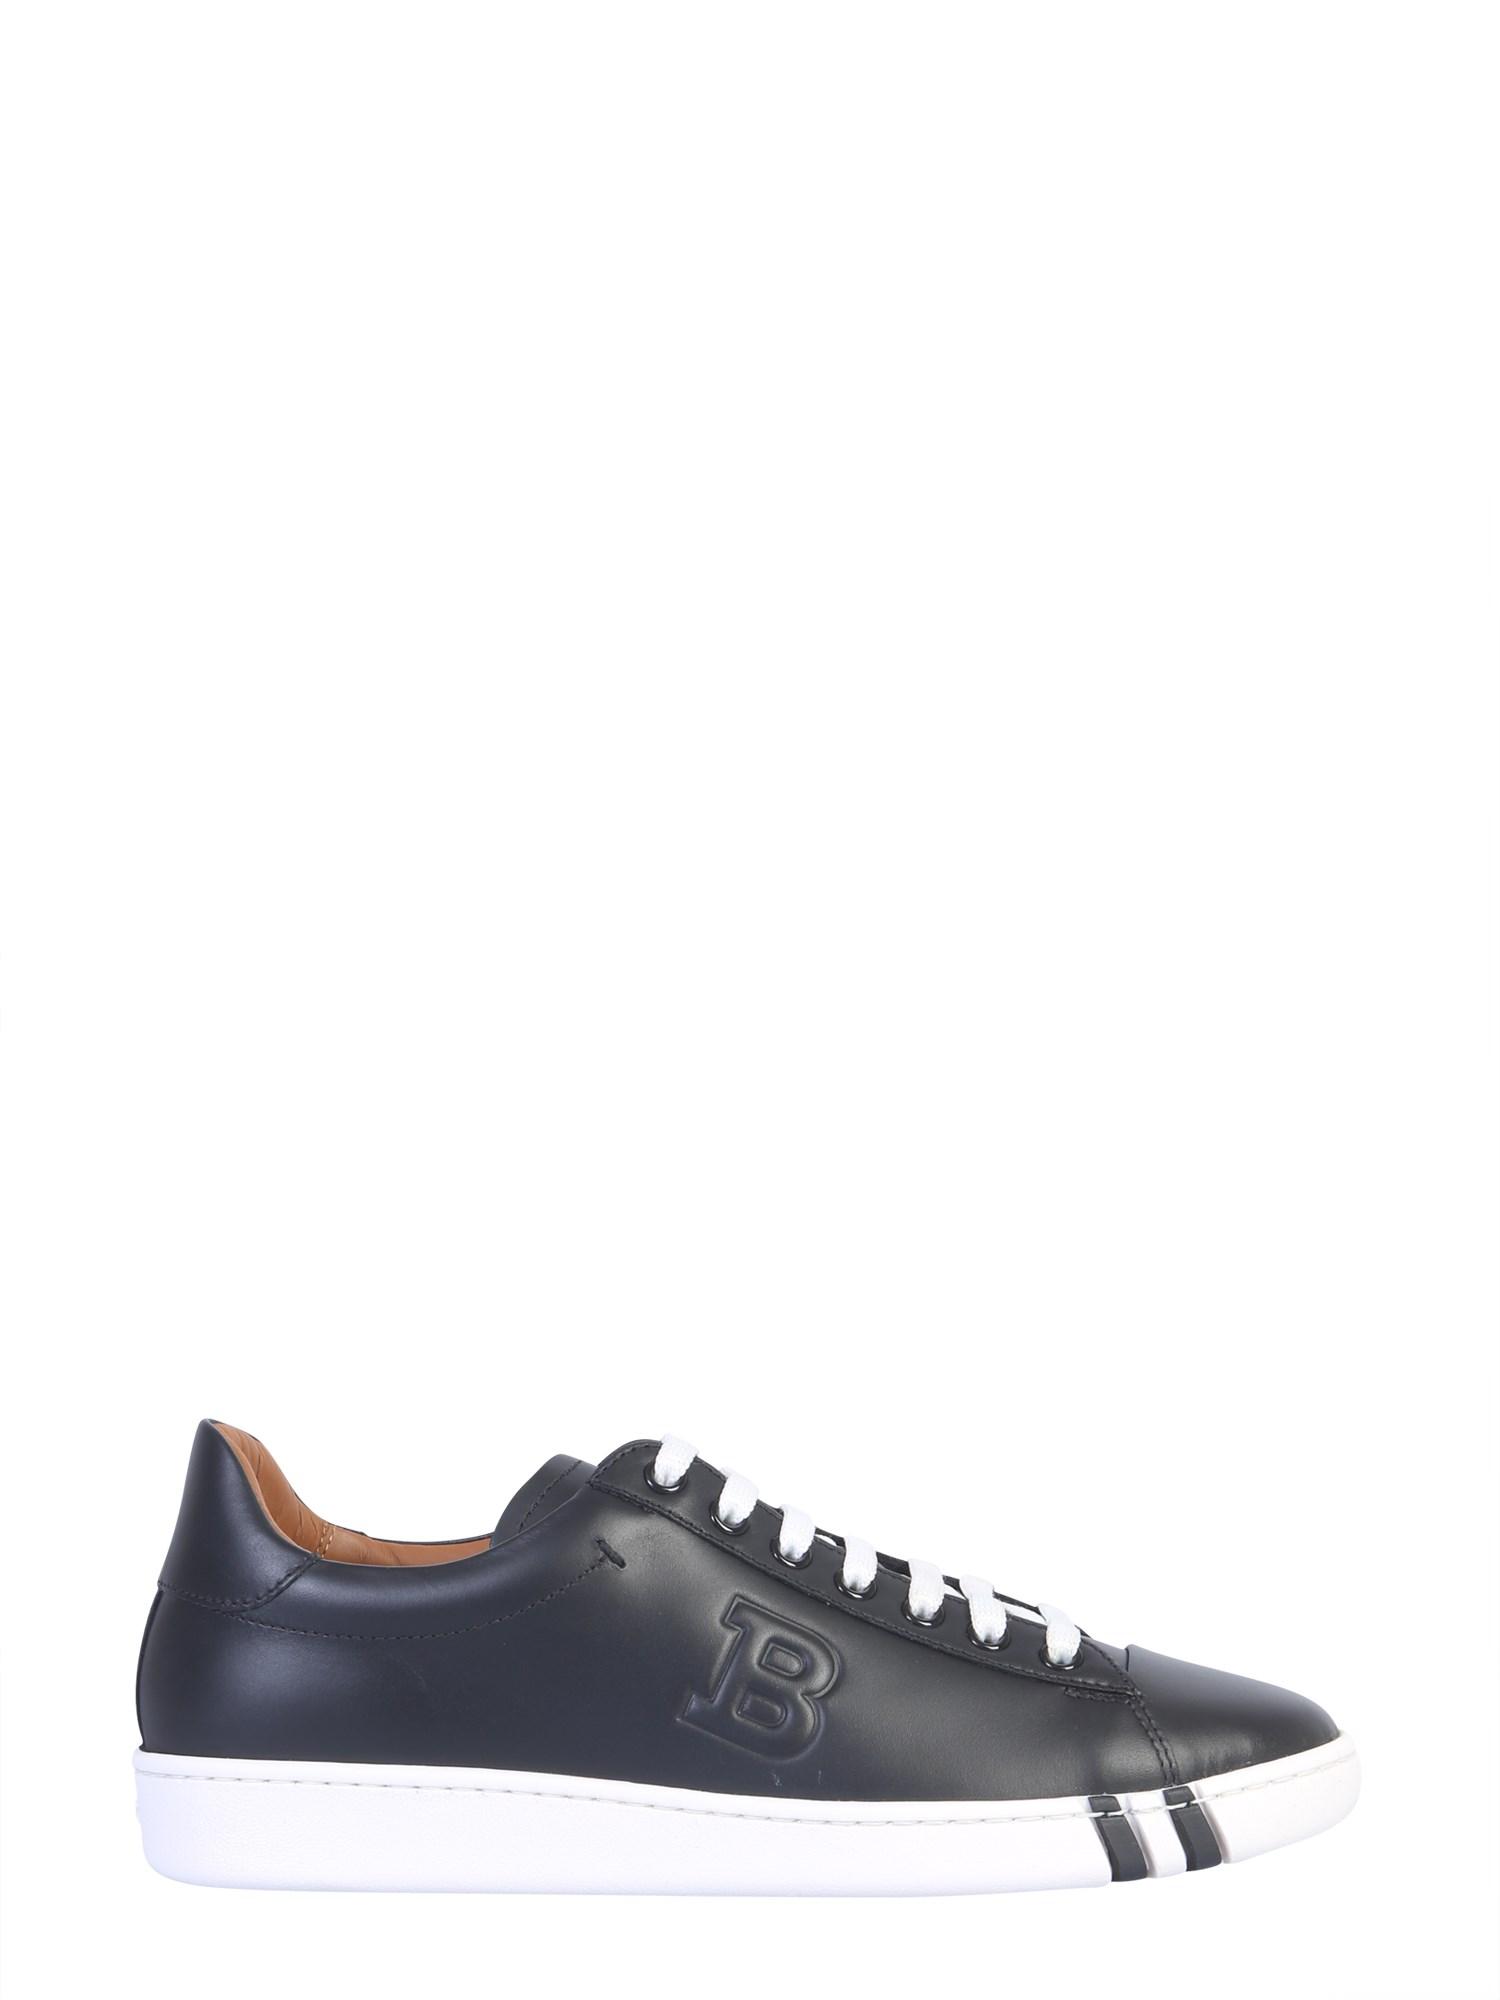 Bally Sneakers WIVIAN SNEAKER